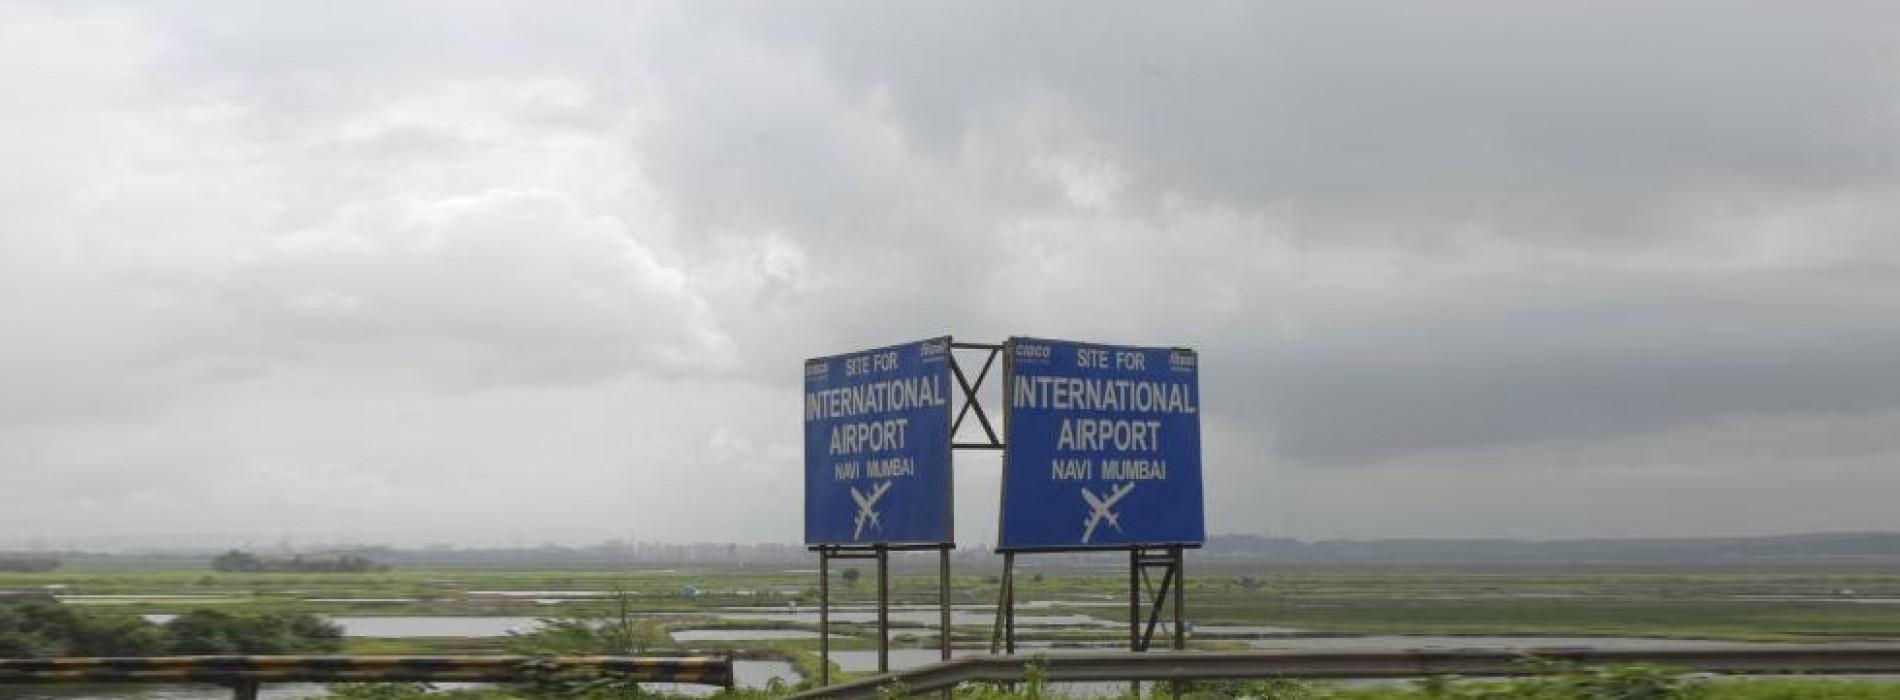 Navi Mumbai airport may not be operational before 2022